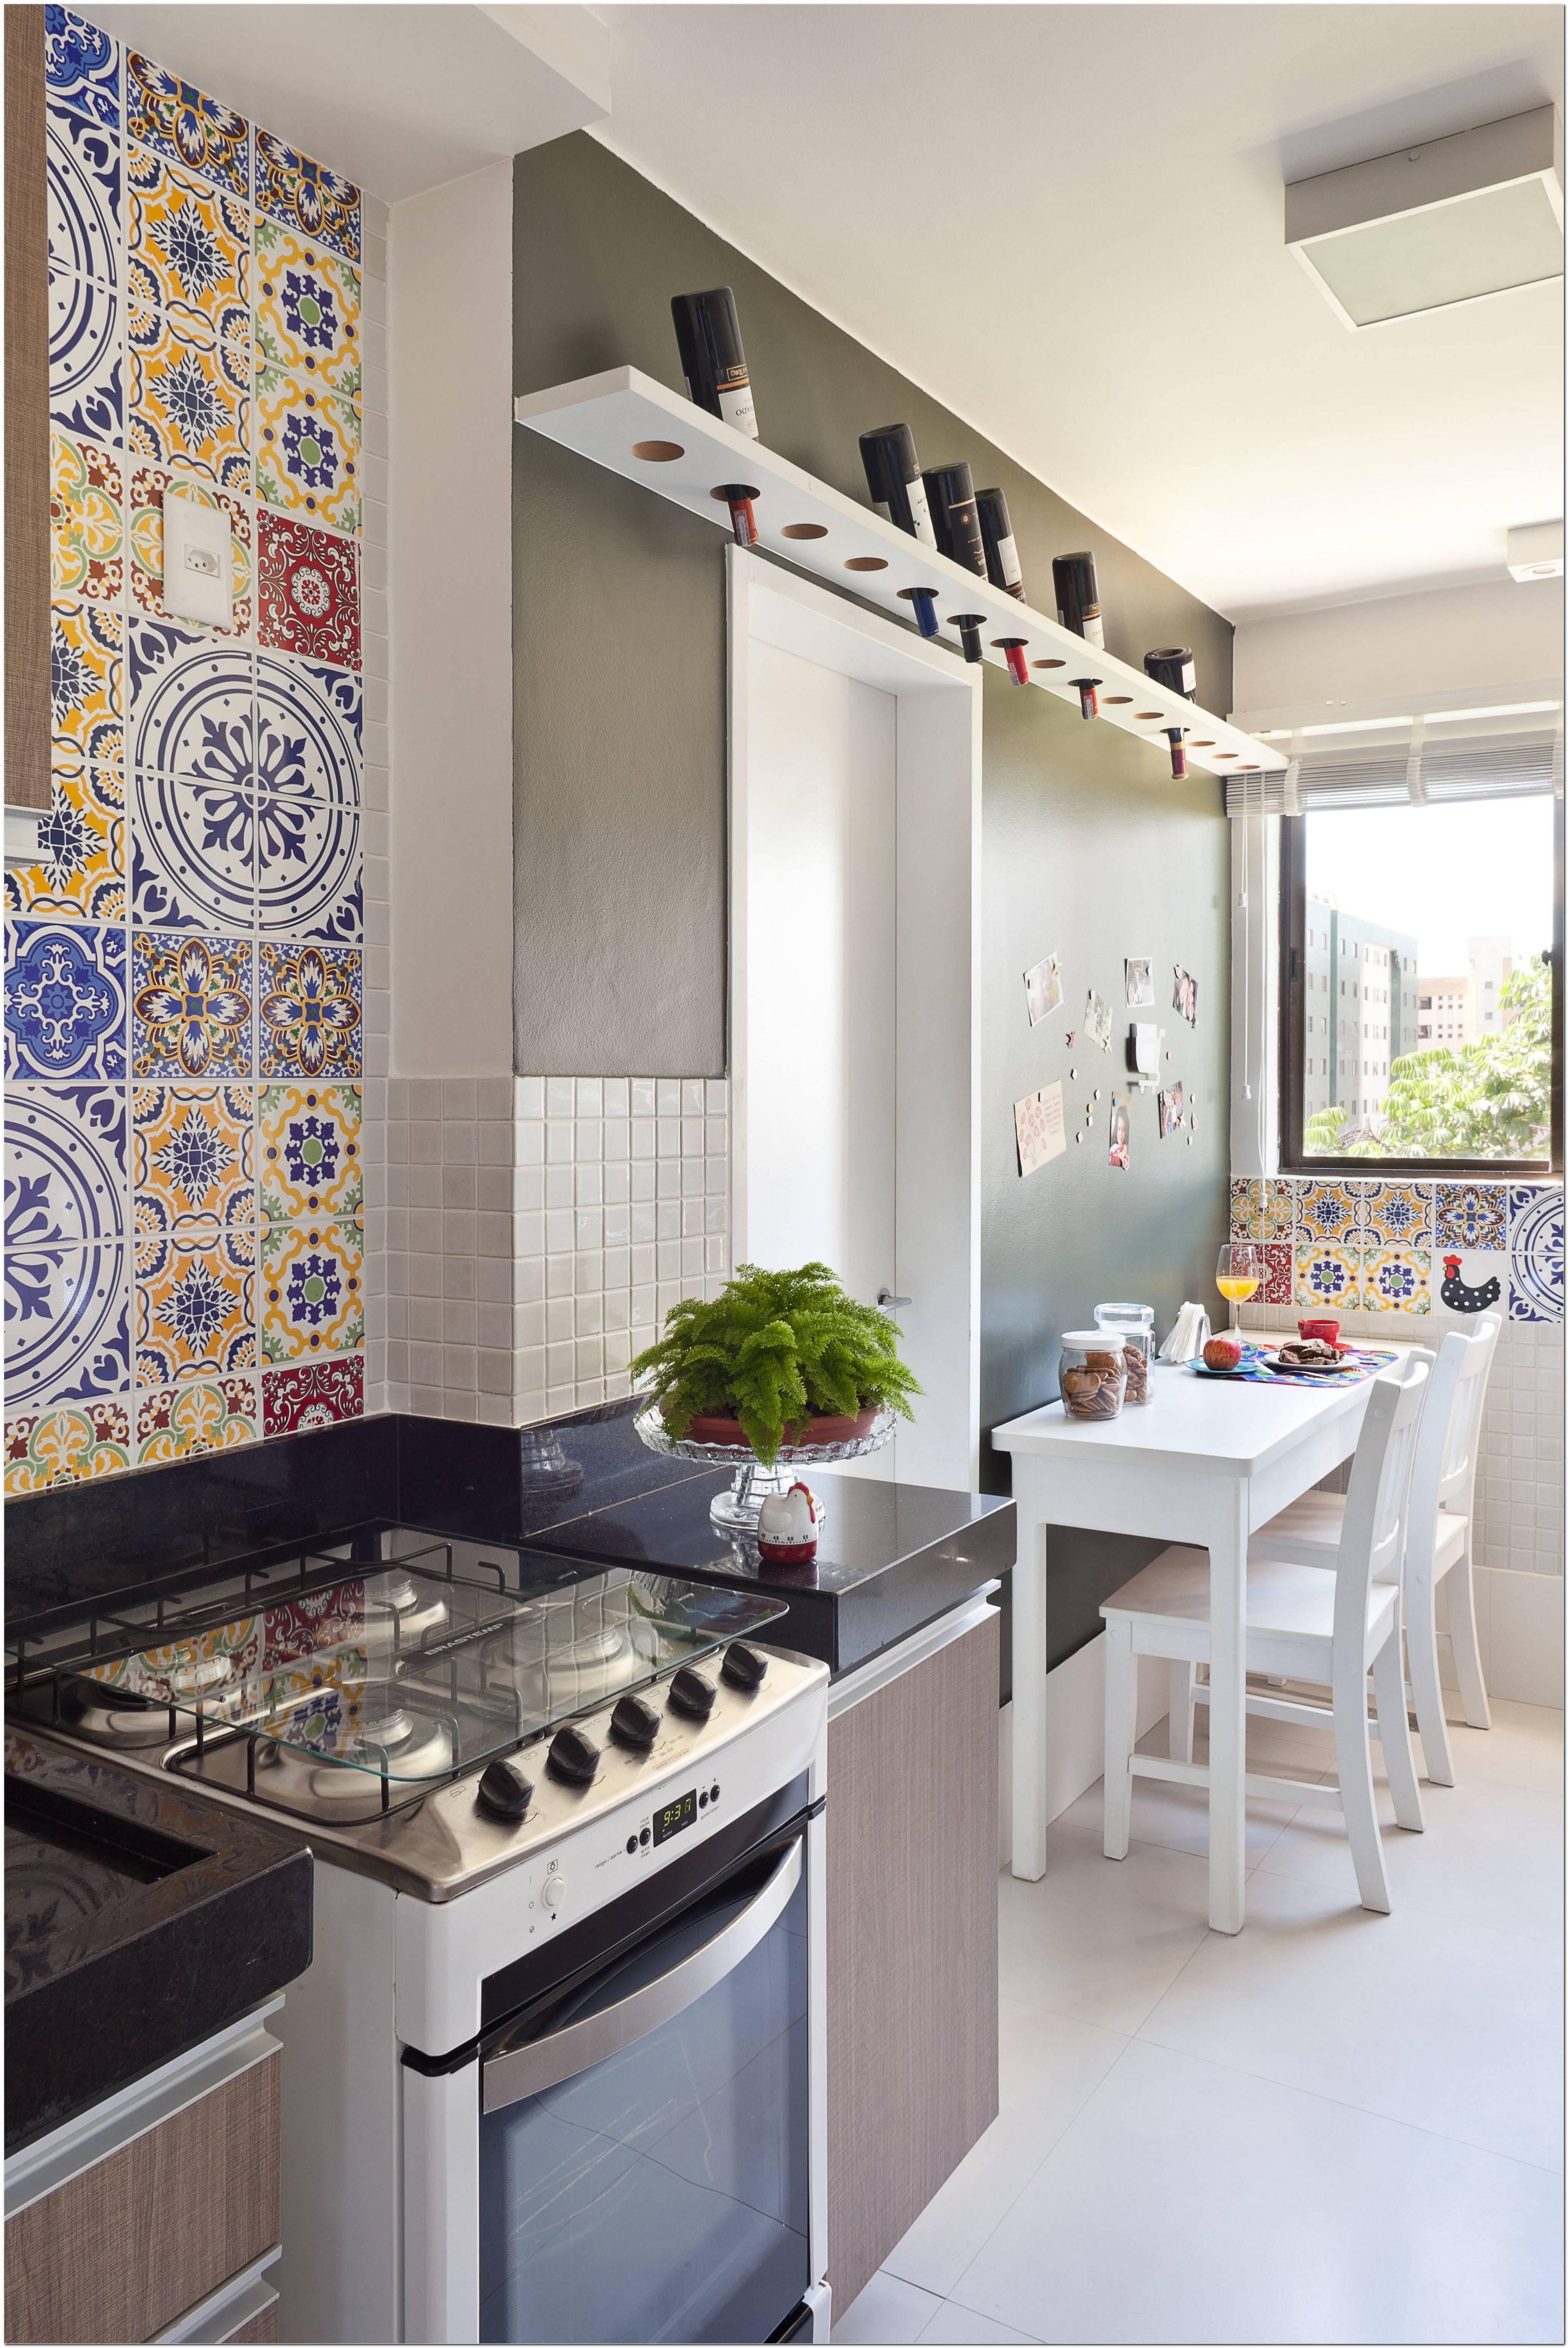 60 Modelos De Cozinha As Fotos Mais Incríveis & Projetos Diferentes